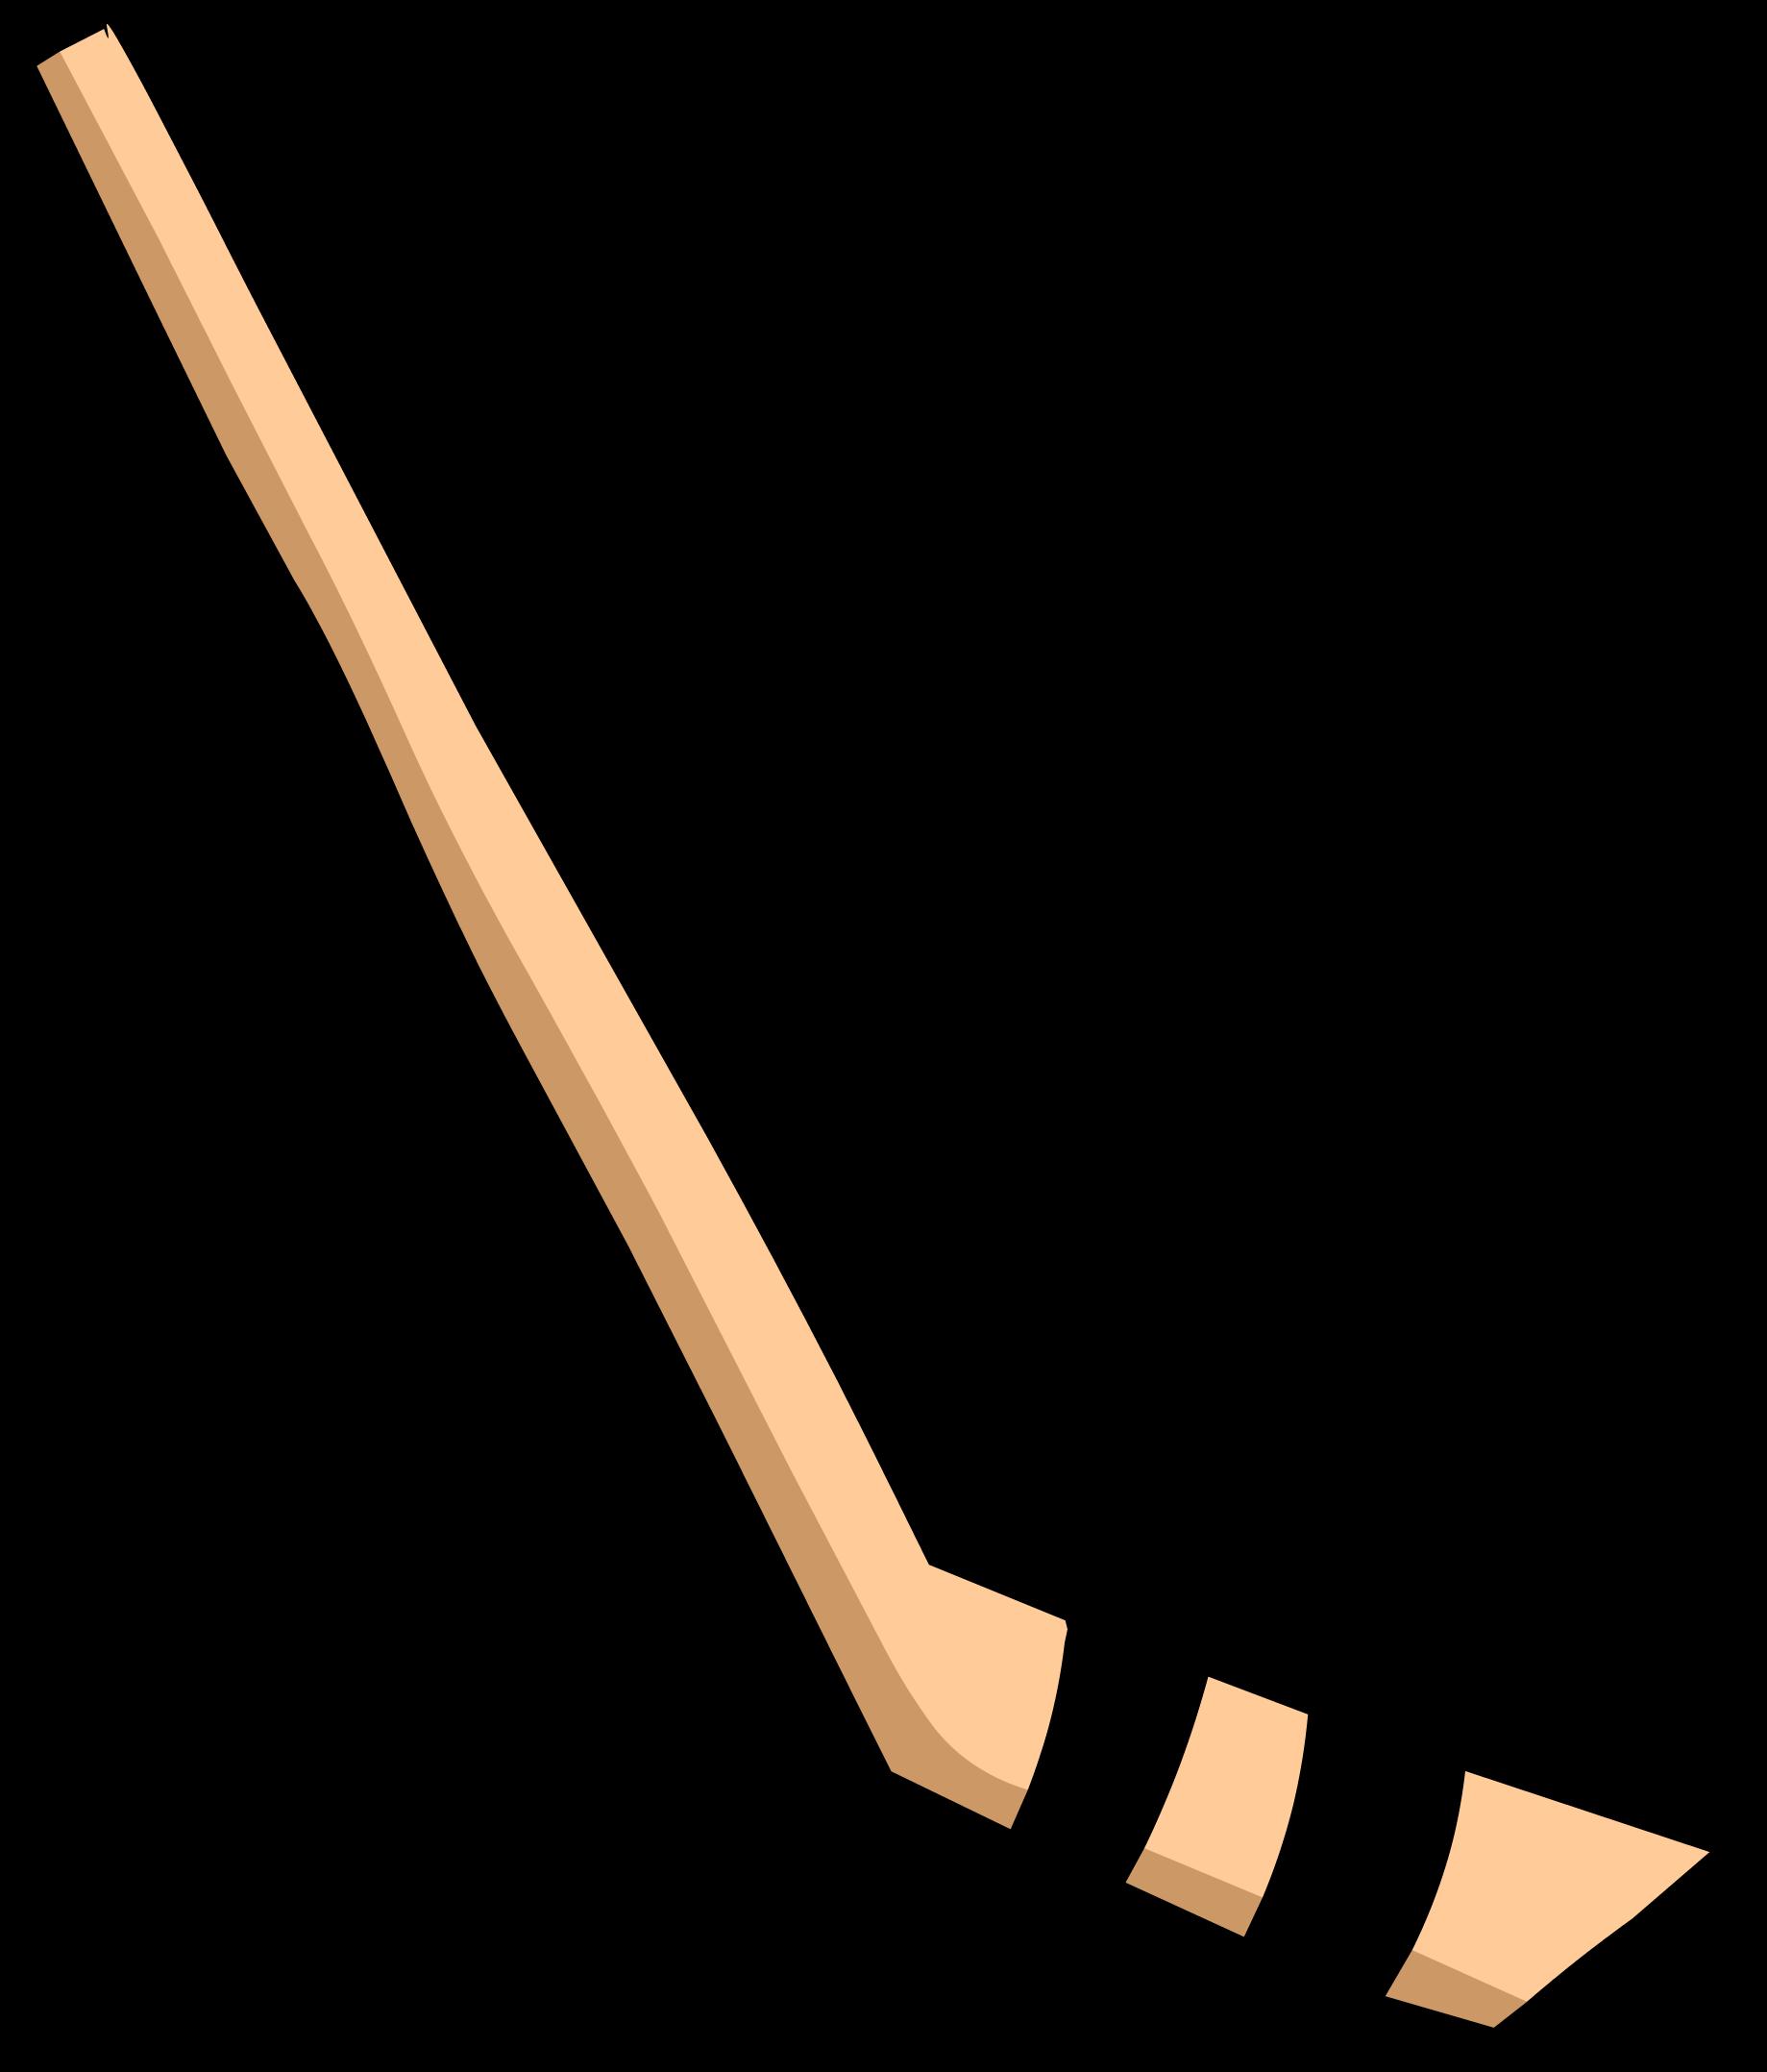 image hockey stick png club penguin wiki fandom powered by wikia rh clubpenguin wikia com hockey stick puck clipart hockey stick clipart vector